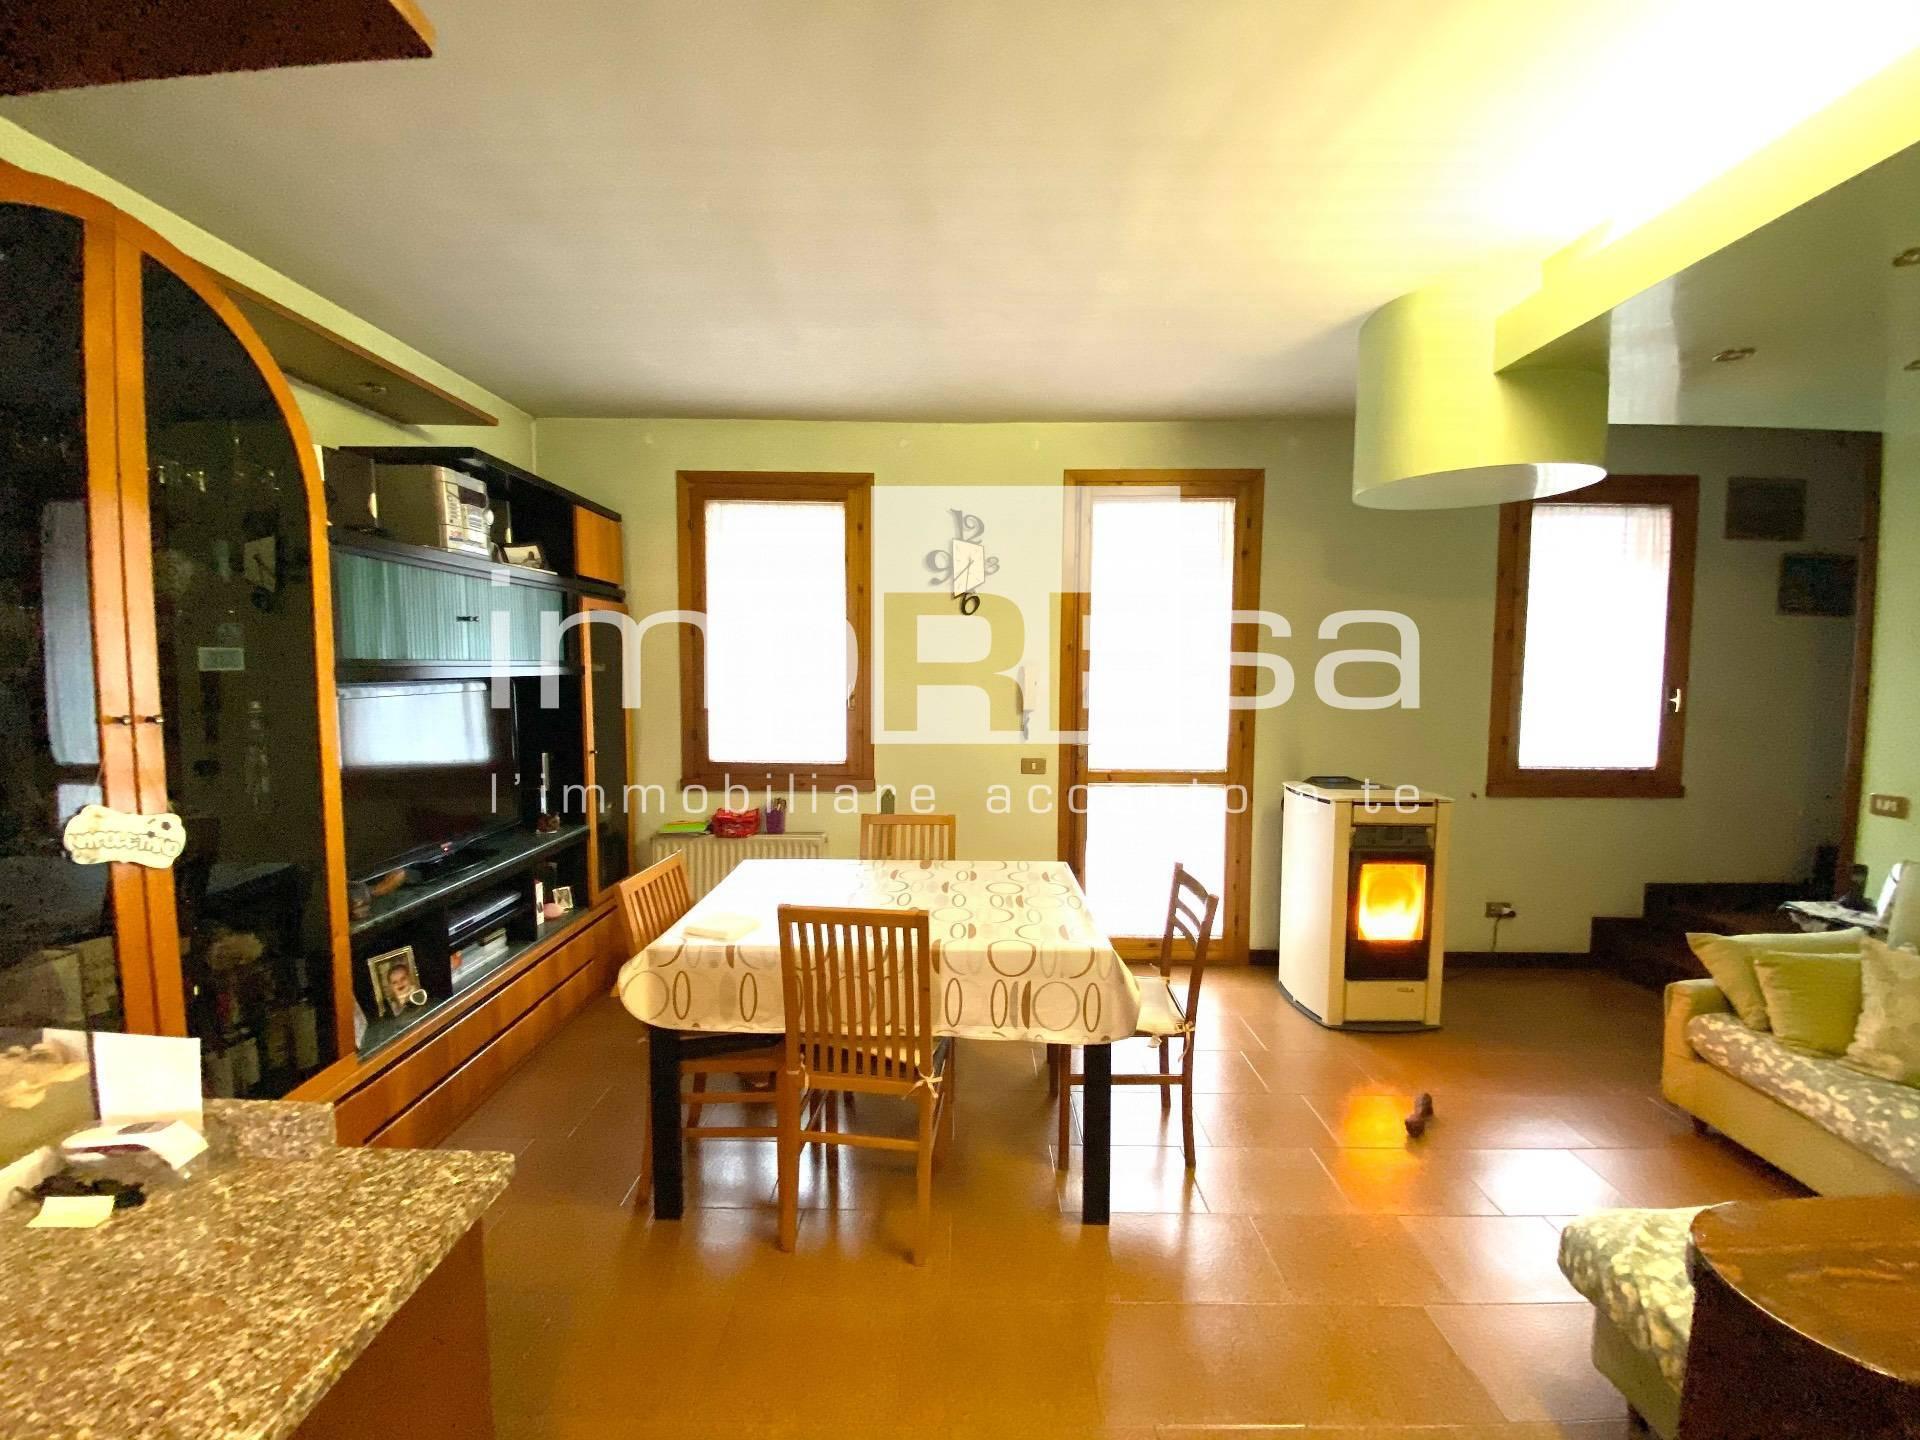 Villa a Schiera in vendita a Maserada sul Piave, 9 locali, zona Località: Maserada, prezzo € 155.000 | CambioCasa.it